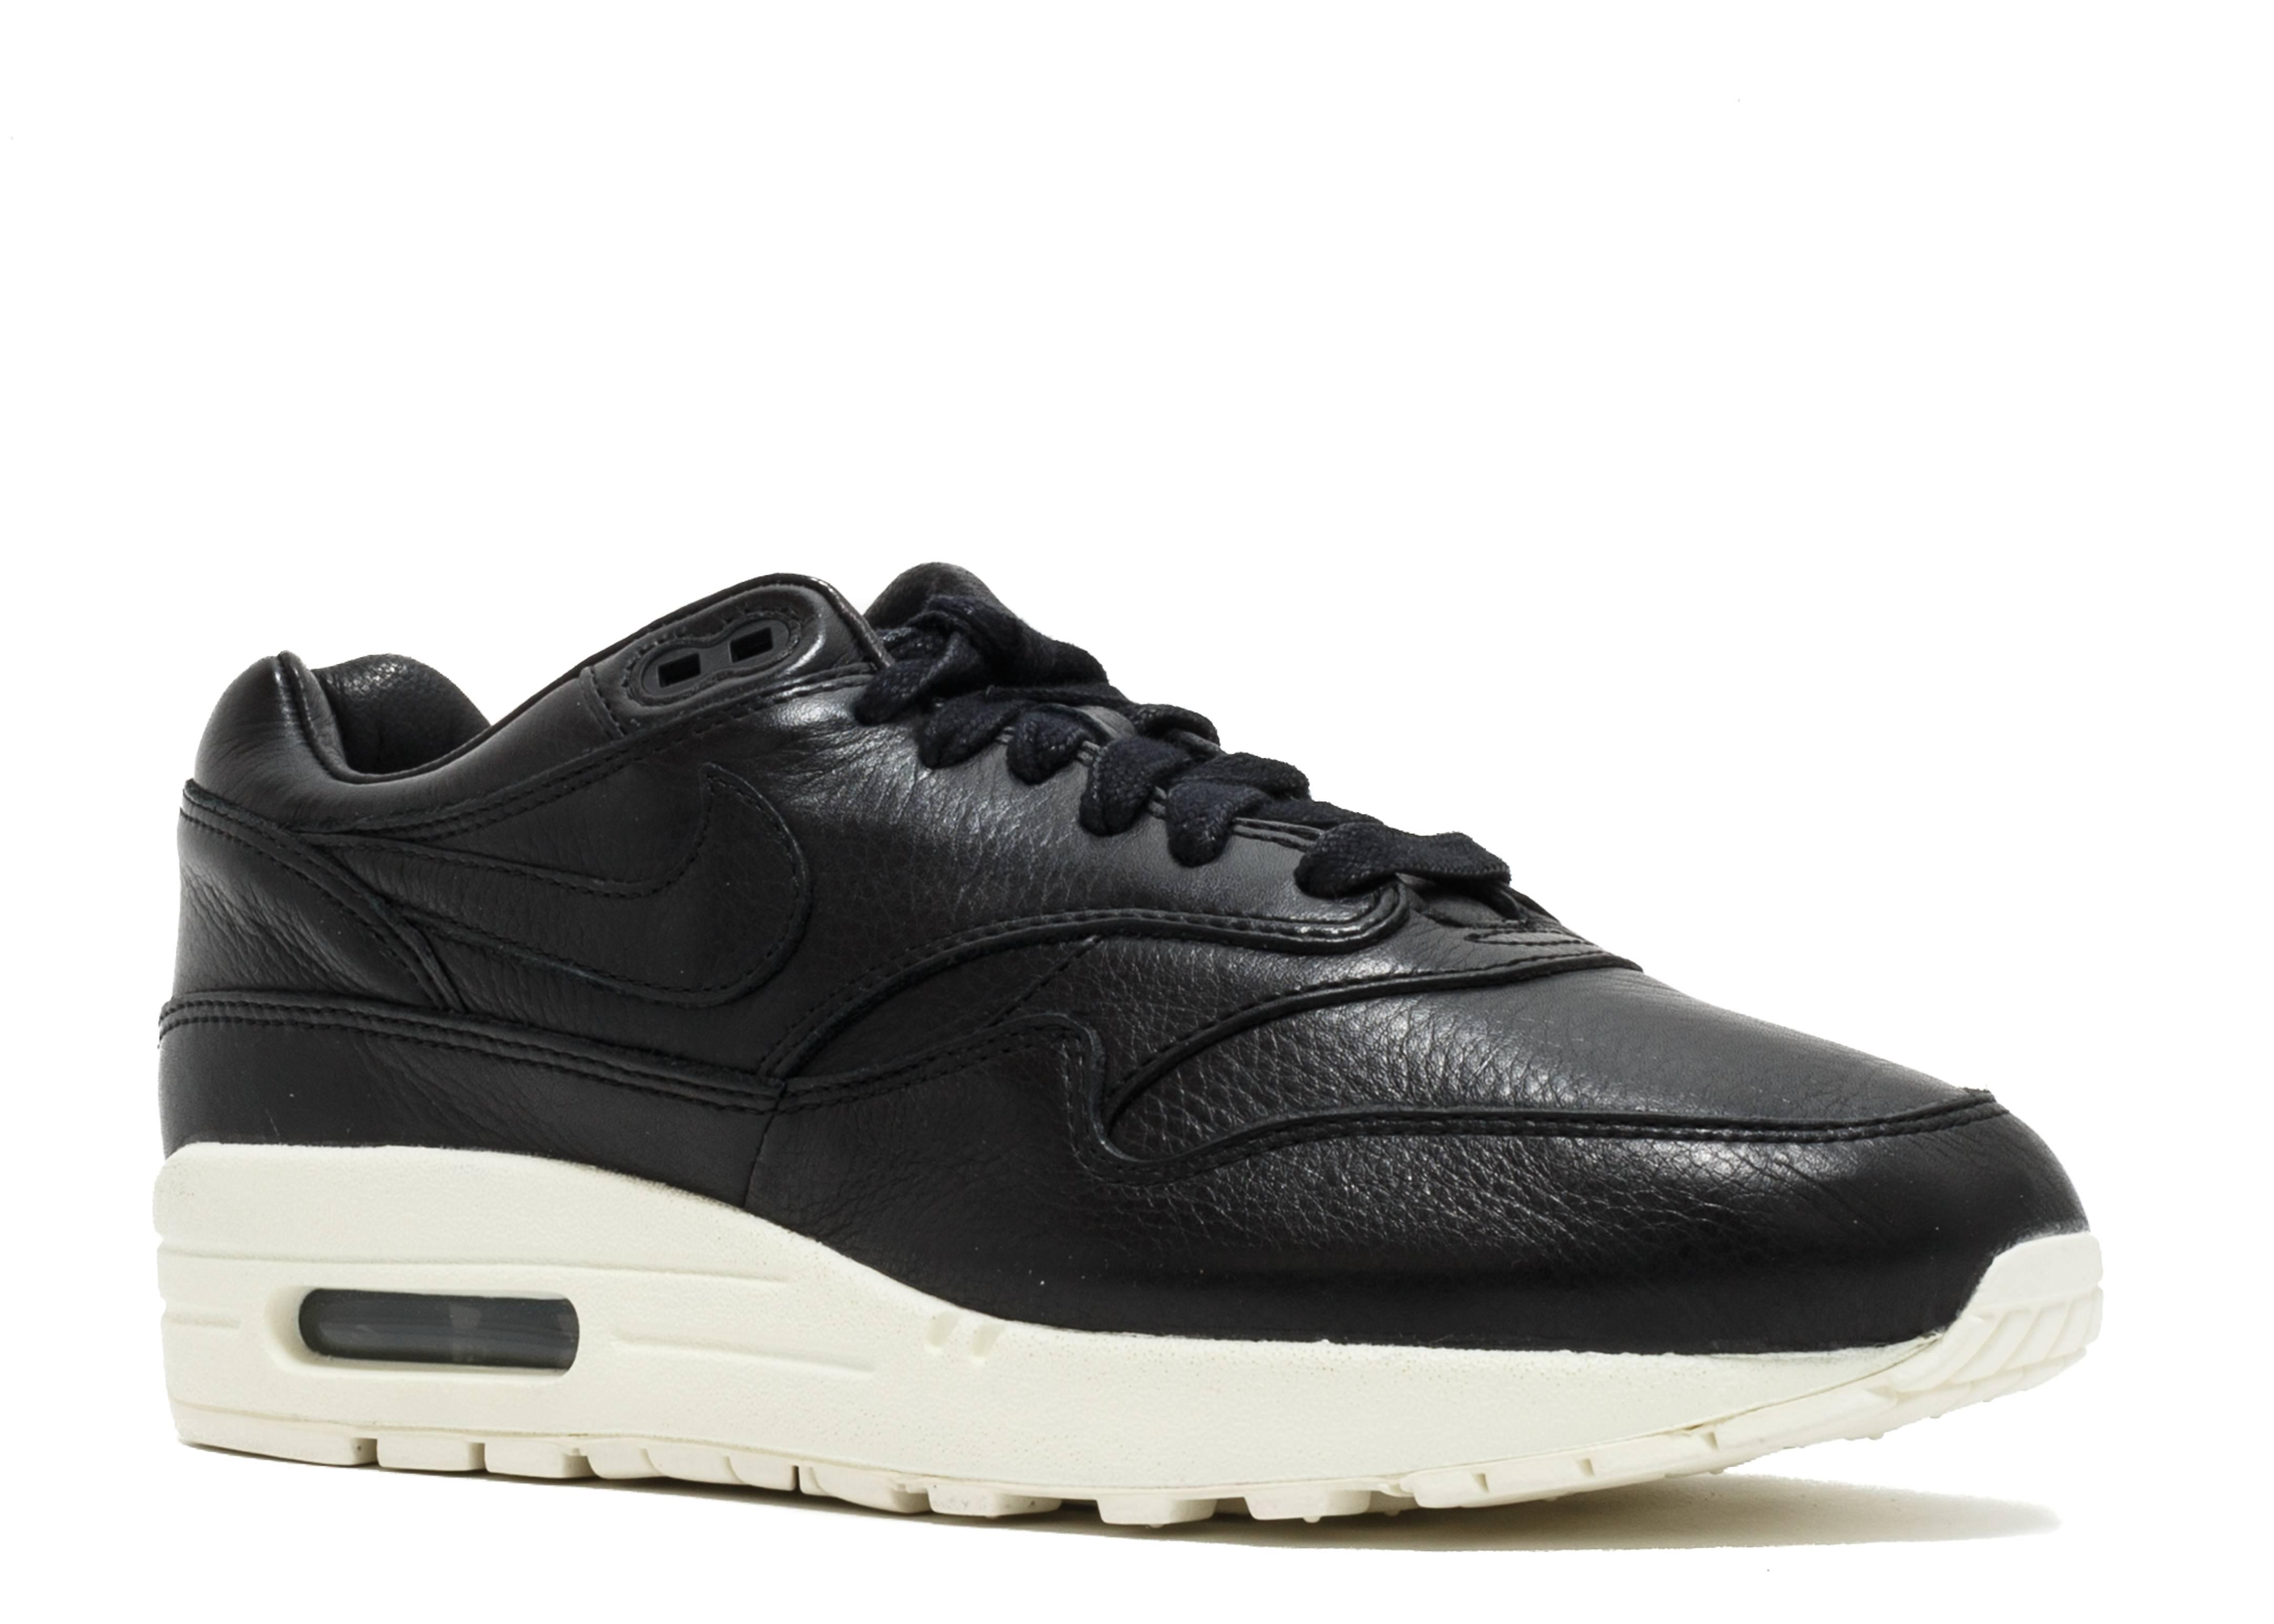 c89cc1f68eae Air Max 1 Pinnacle - Nike - 859554 003 - black black sail